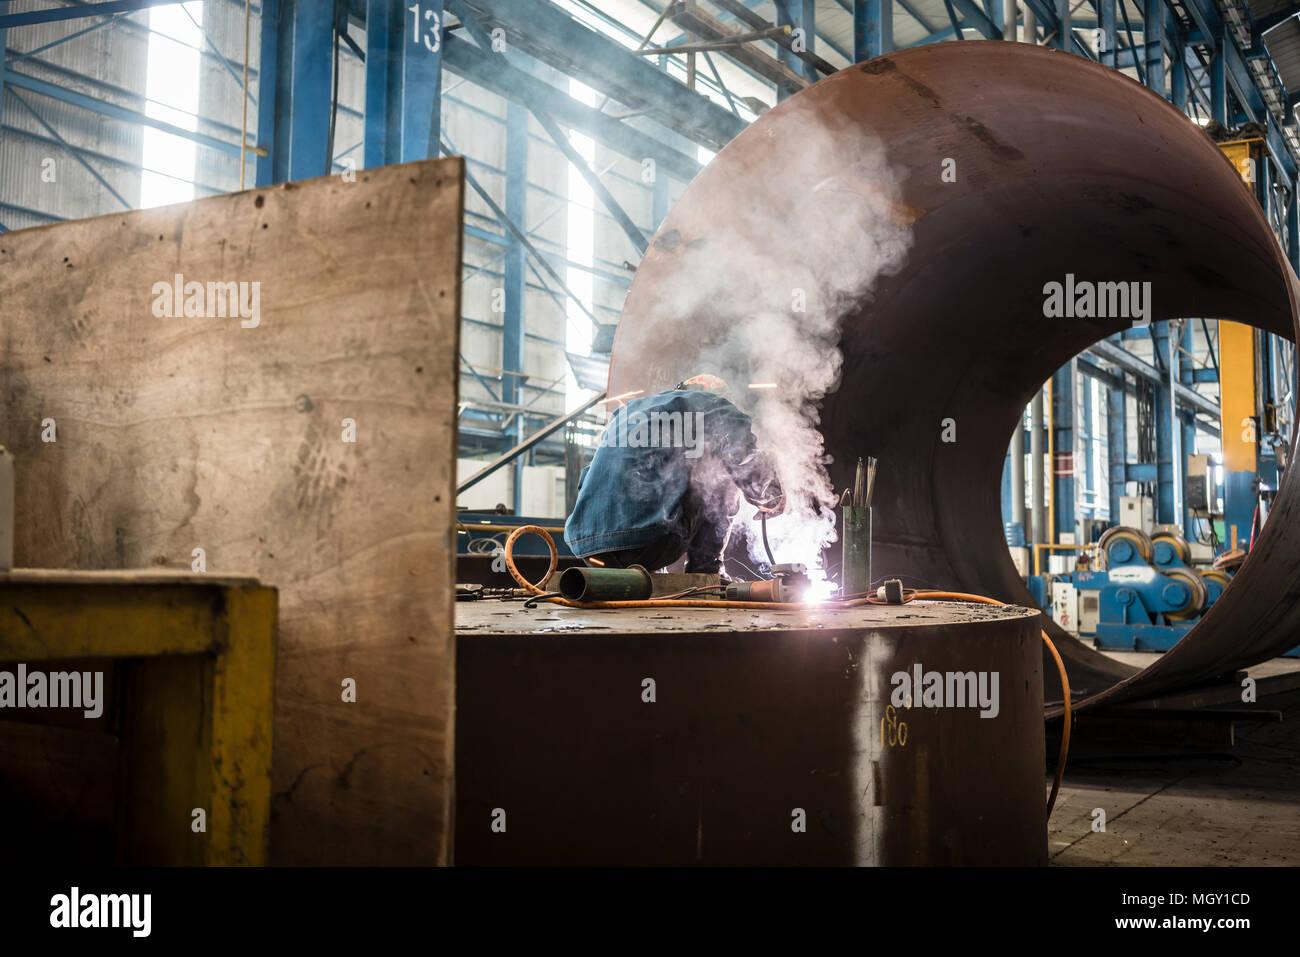 Arbeiter Schweißen im Inneren einer Fabrik Stockbild